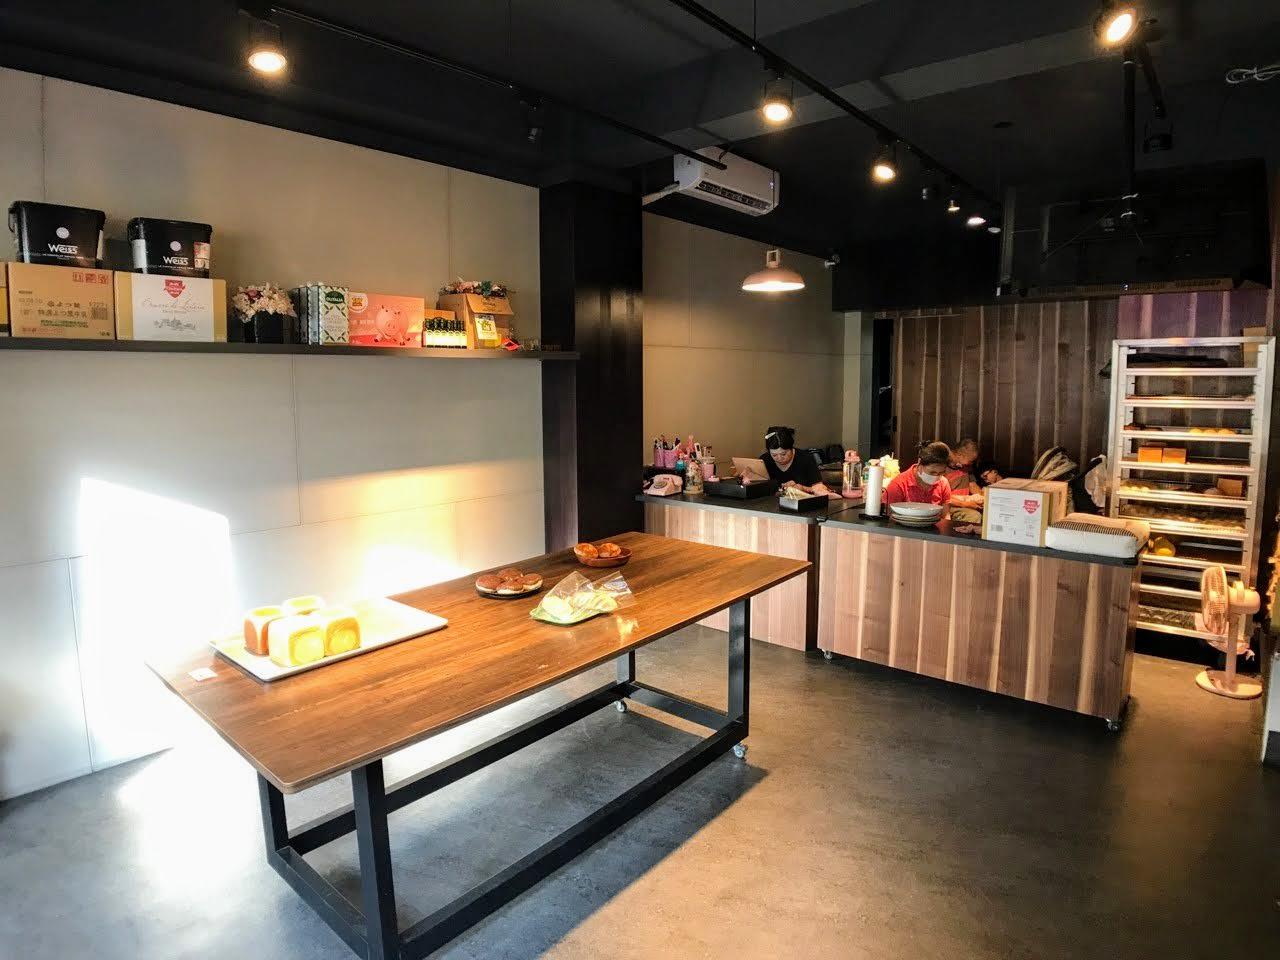 【台南|中西區】方云云麵包店|巷弄內每天限時限量的麵包店